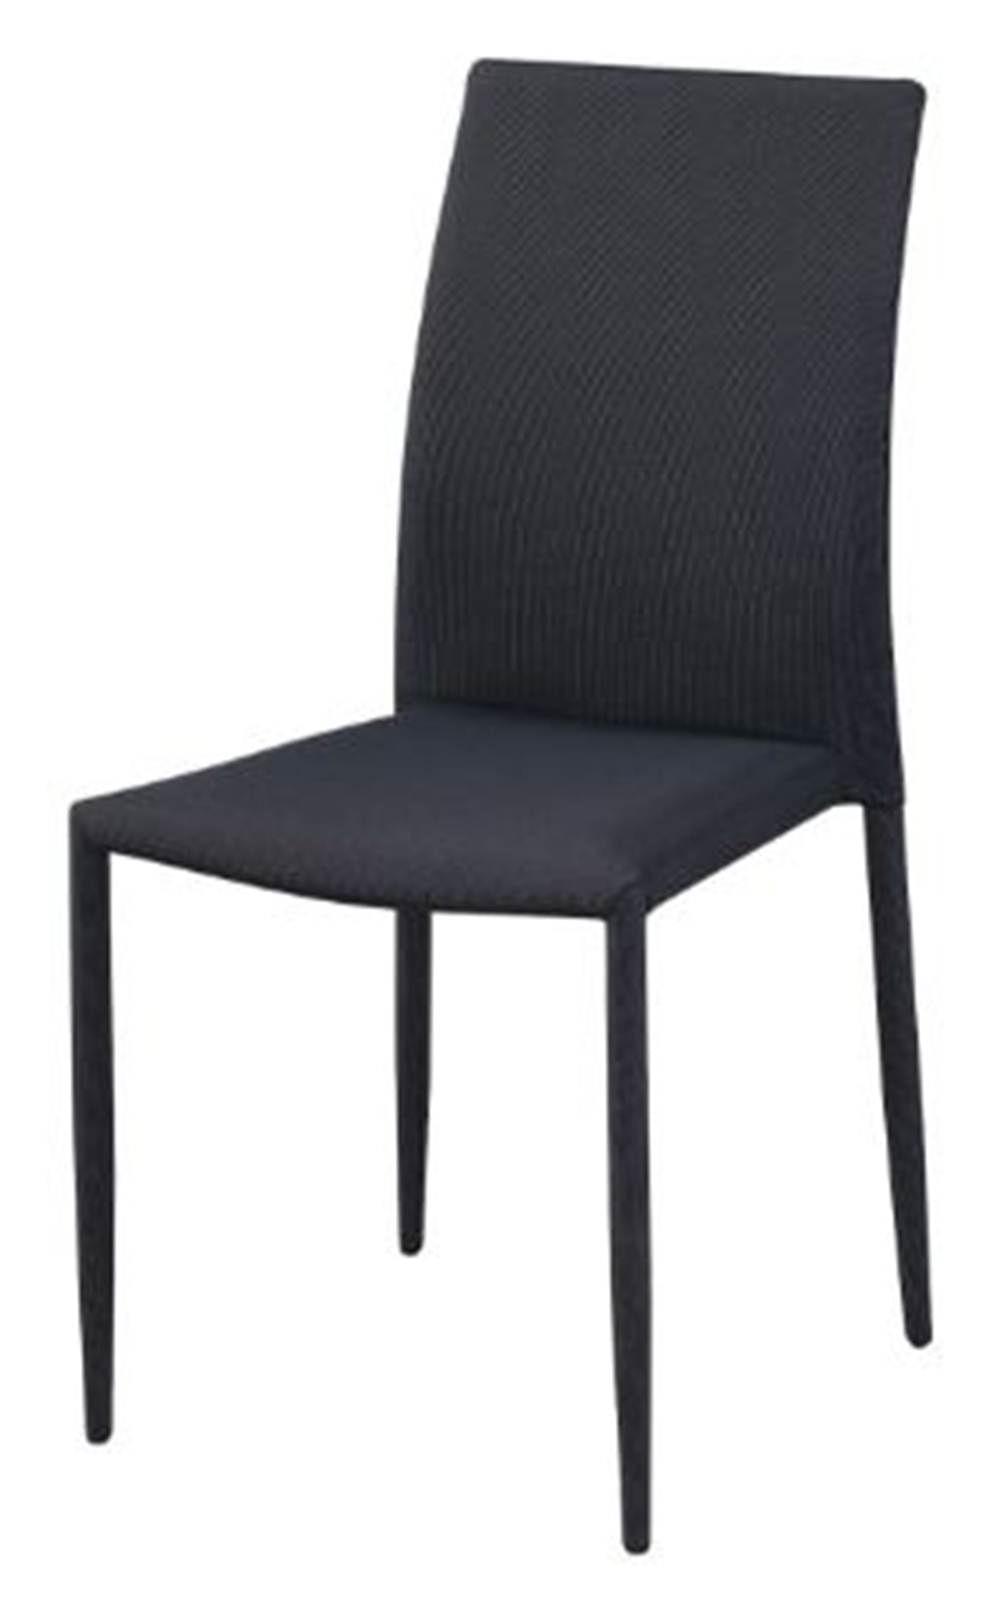 Cadeira Amanda 6606 Tecido Cinza com Preto - 32876